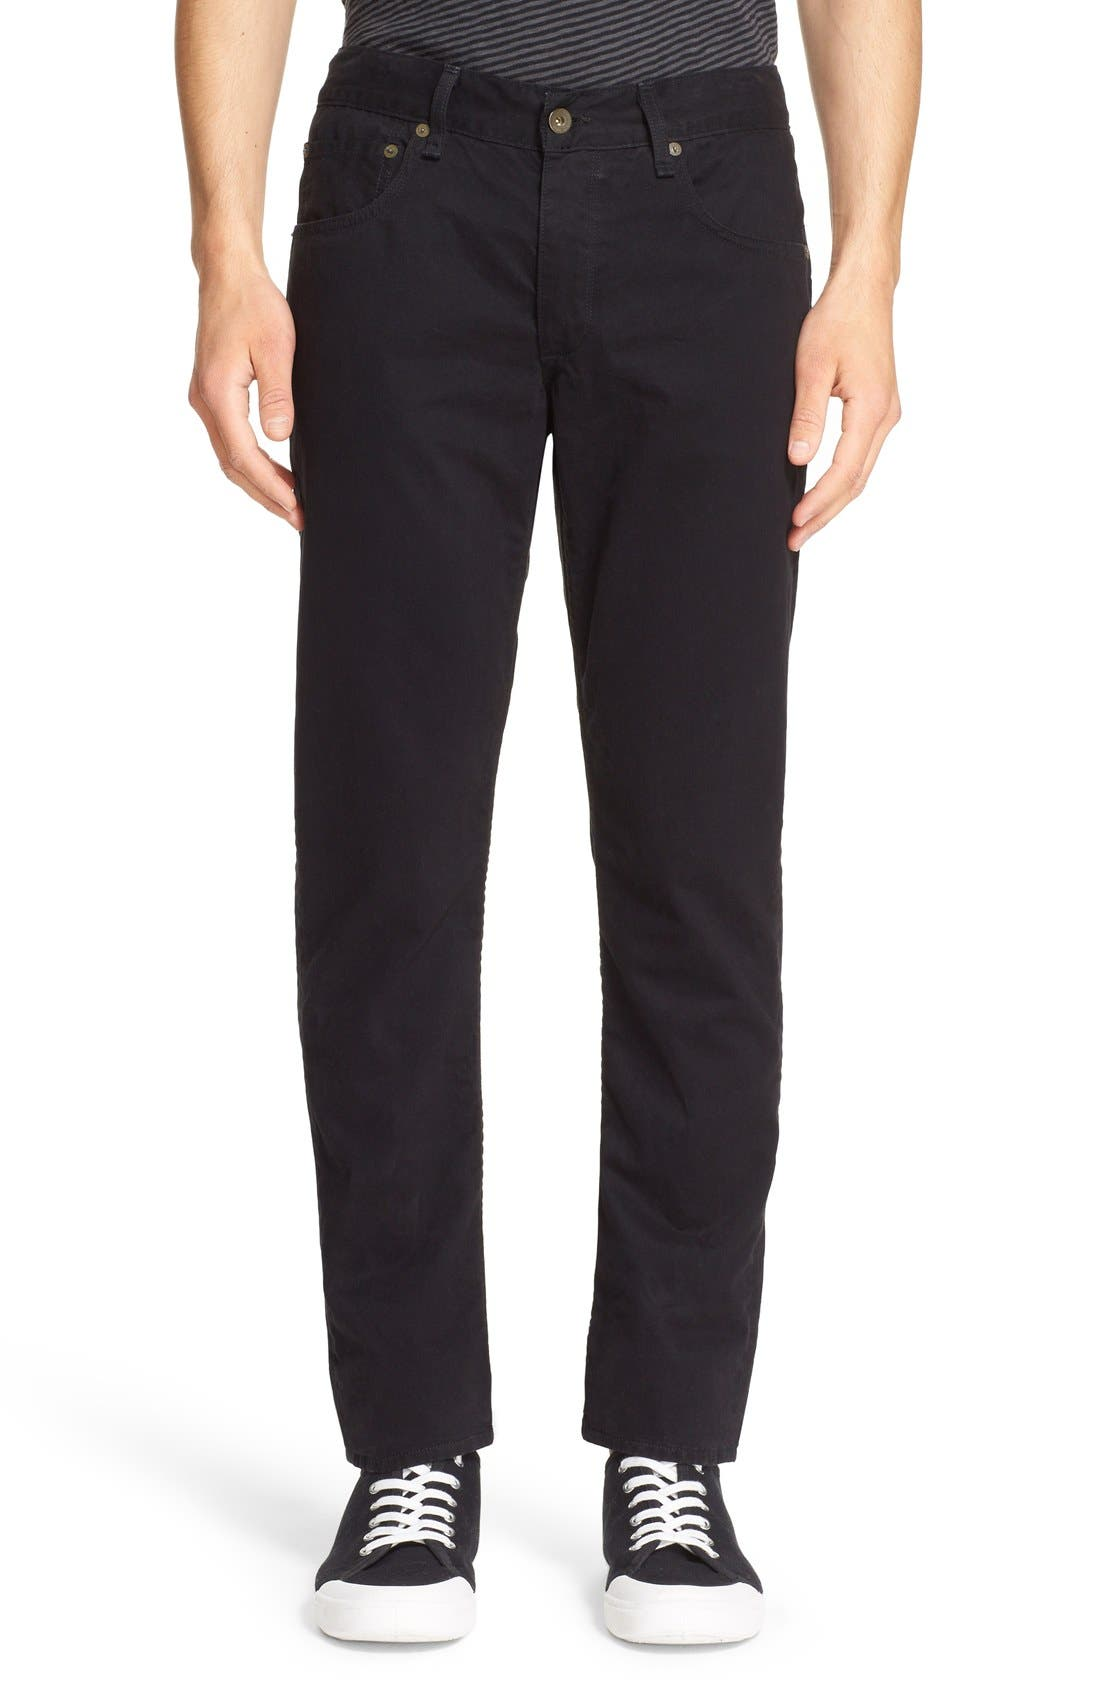 'Fit 2' Cotton Twill Pants,                         Main,                         color, Black